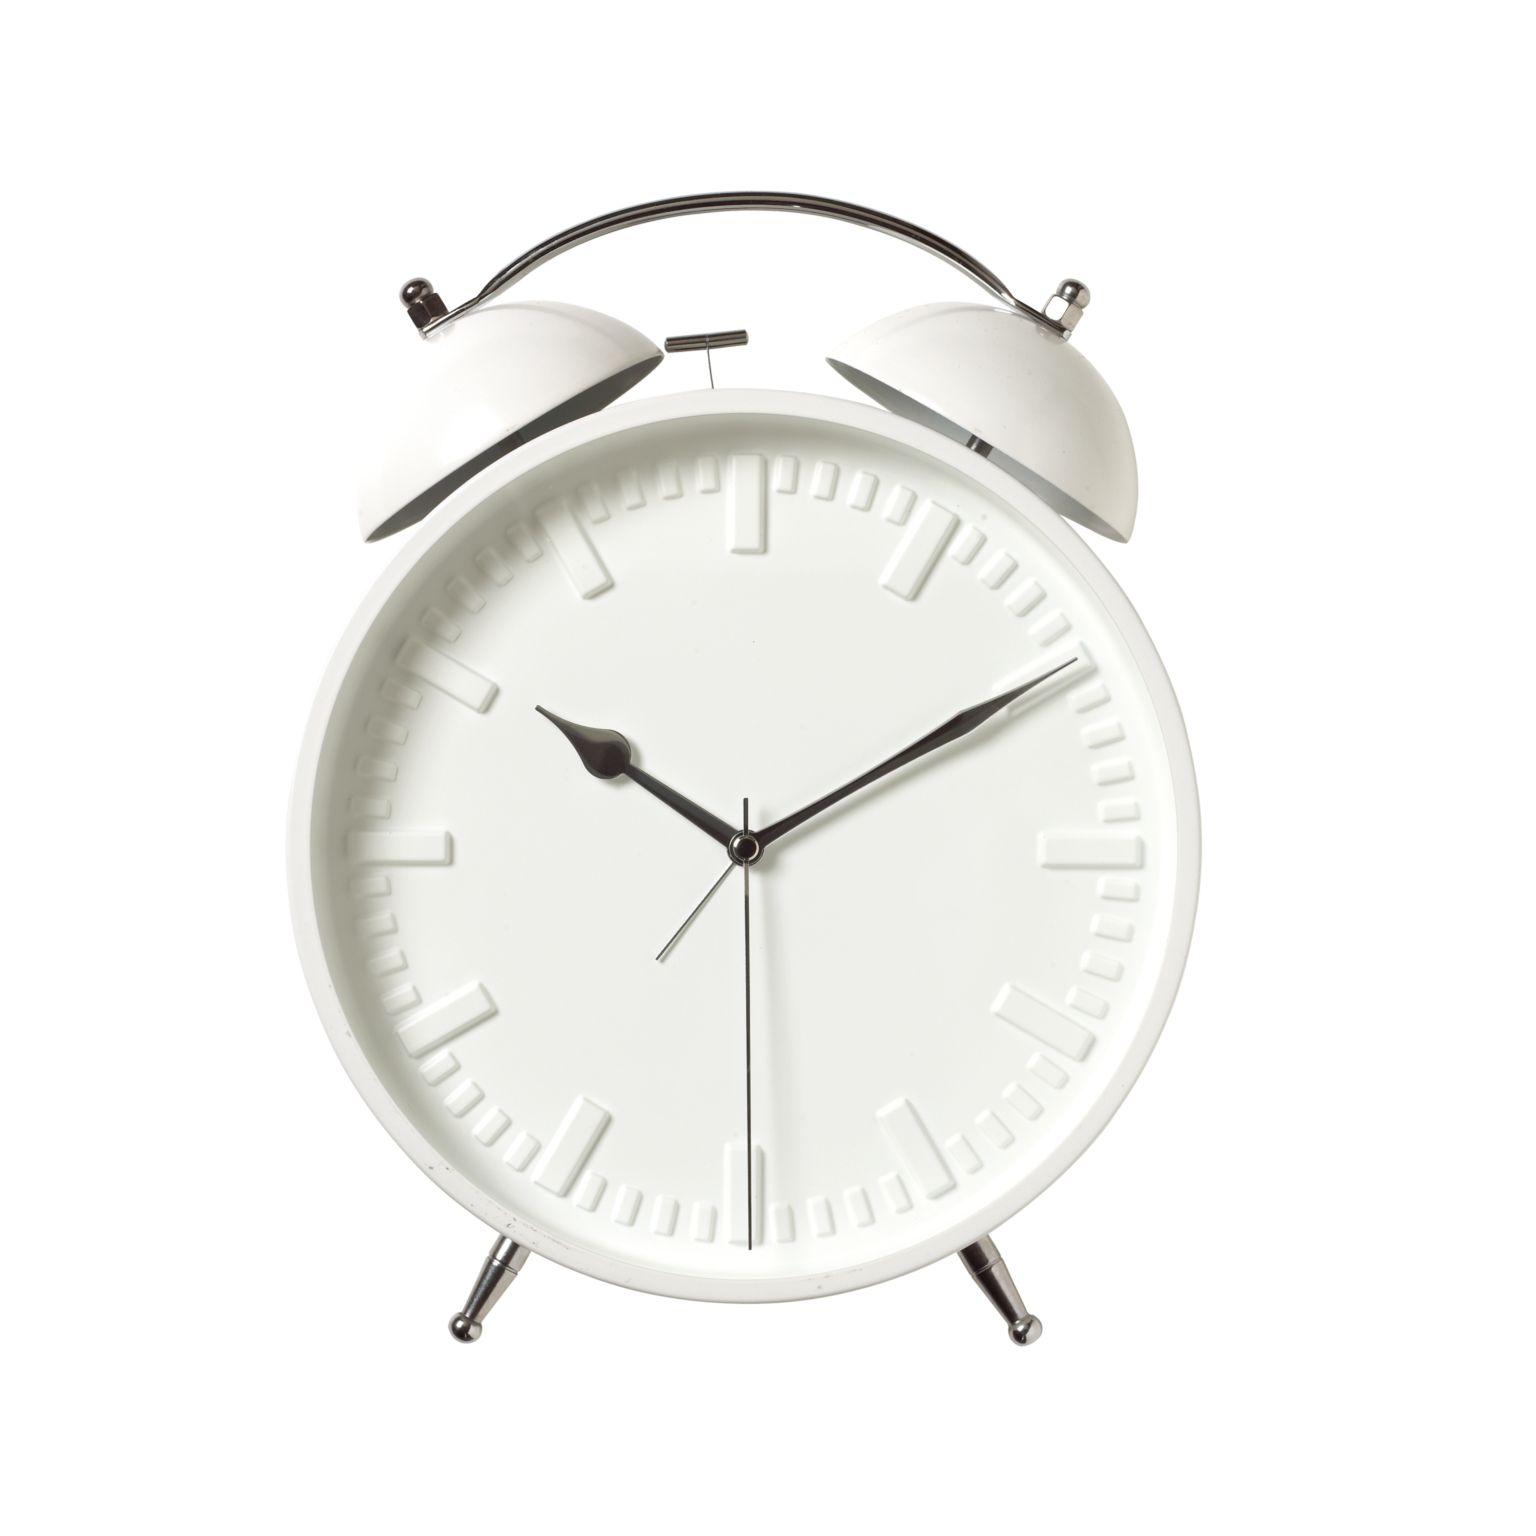 Horloge RING RING